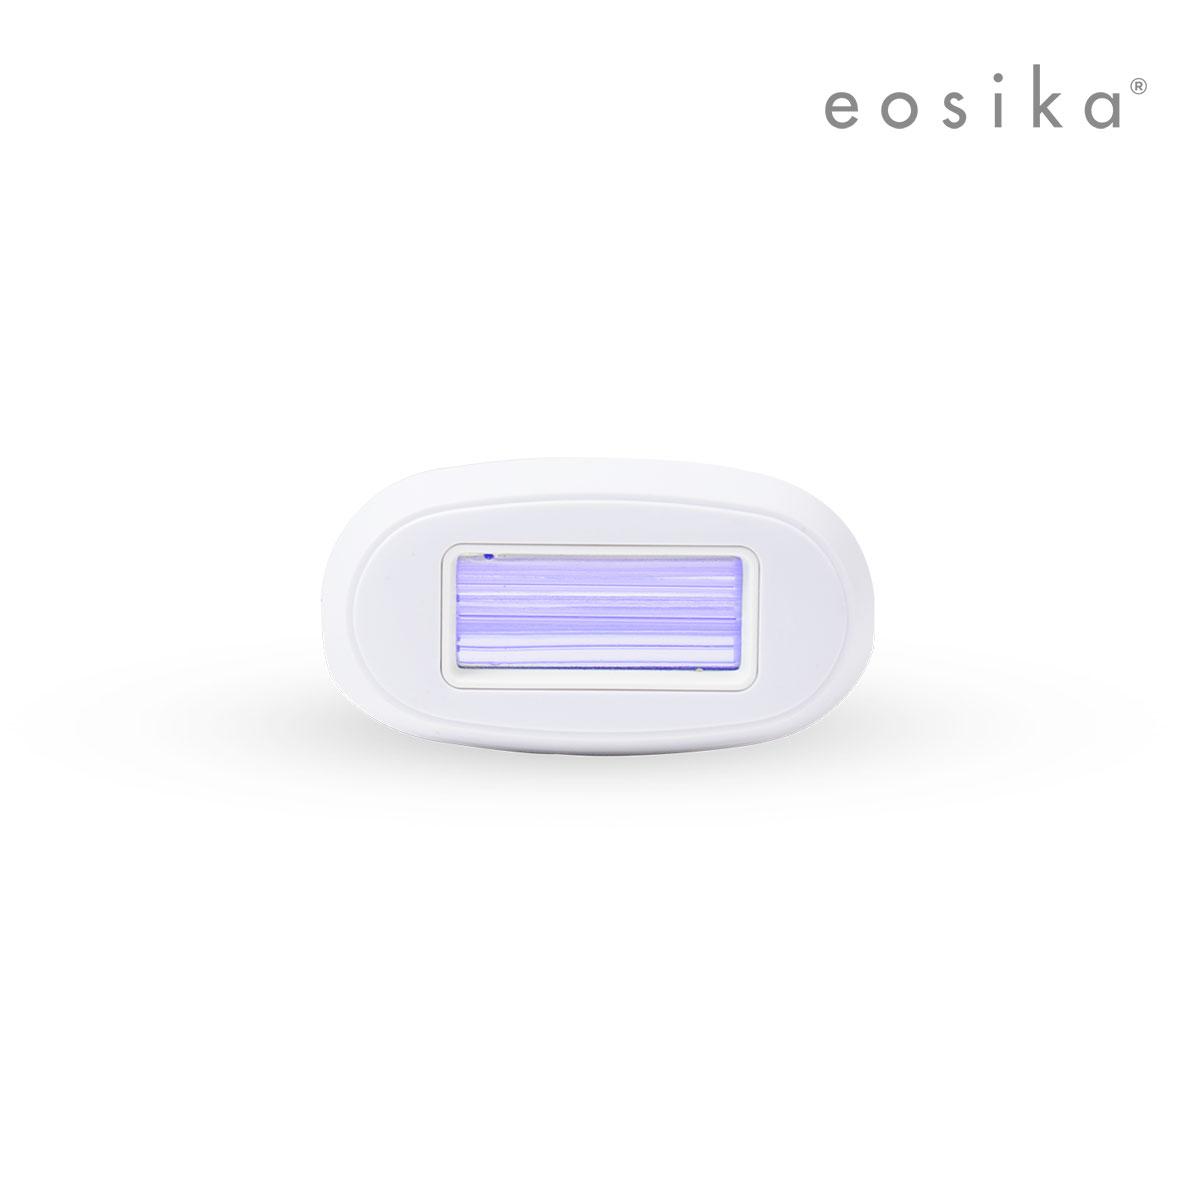 이오시카 50K SIPL-1000 5만회 램프카트리지 [HR] (본품 미포함), [HR] 50K SIPL-1000 5만회 램프카트리지